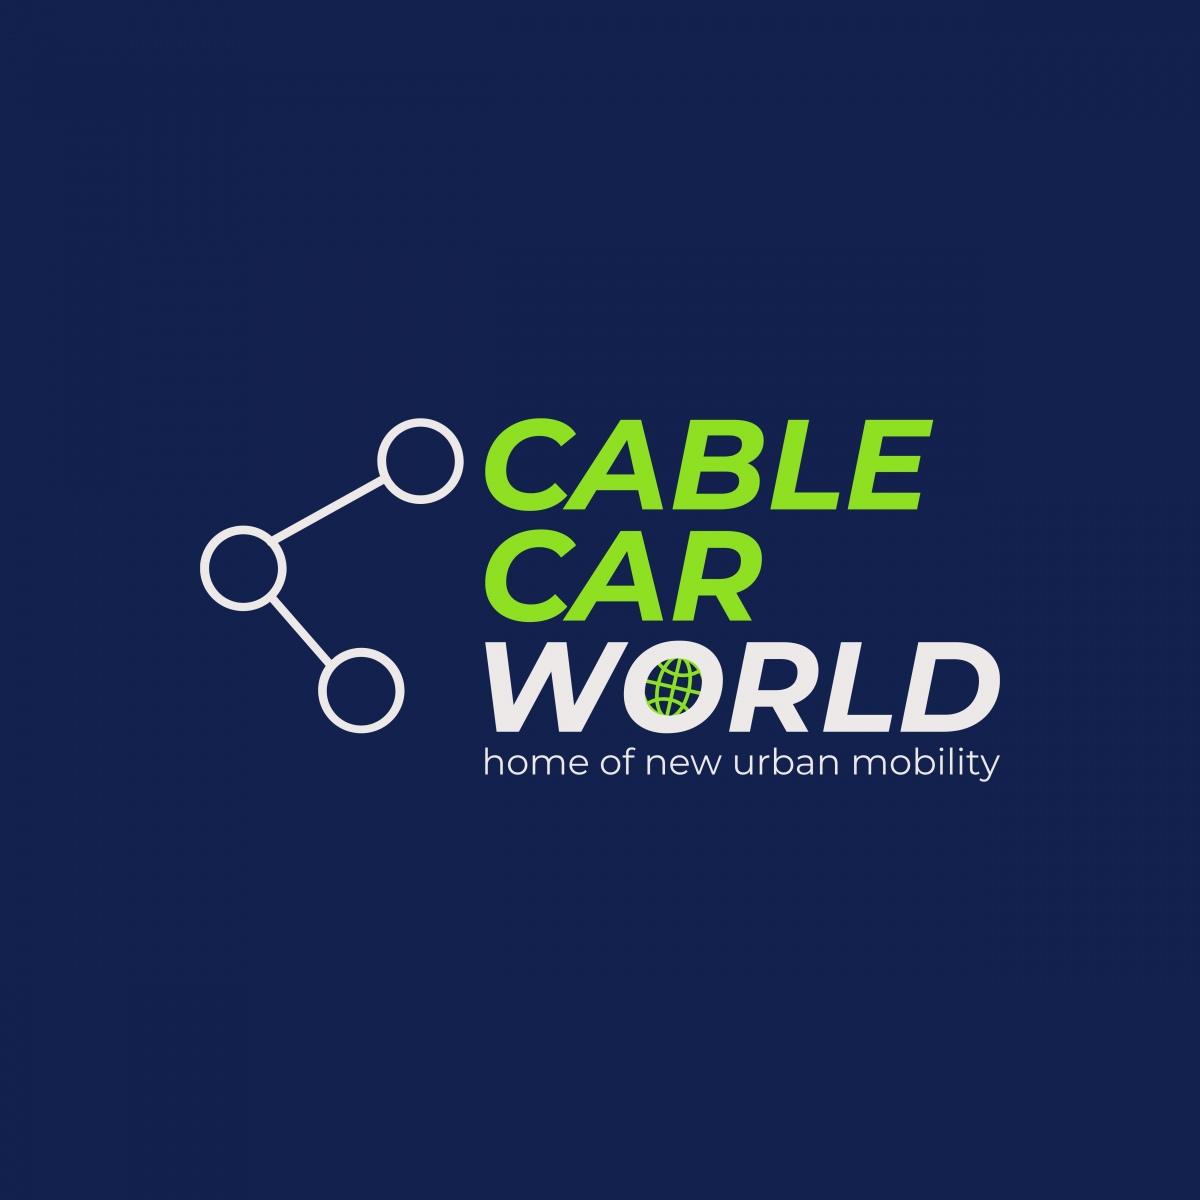 """8-9 febbraio 2022 a Essen """"Cable Car World"""", la prima fiera dedicata alle funivie urbane"""